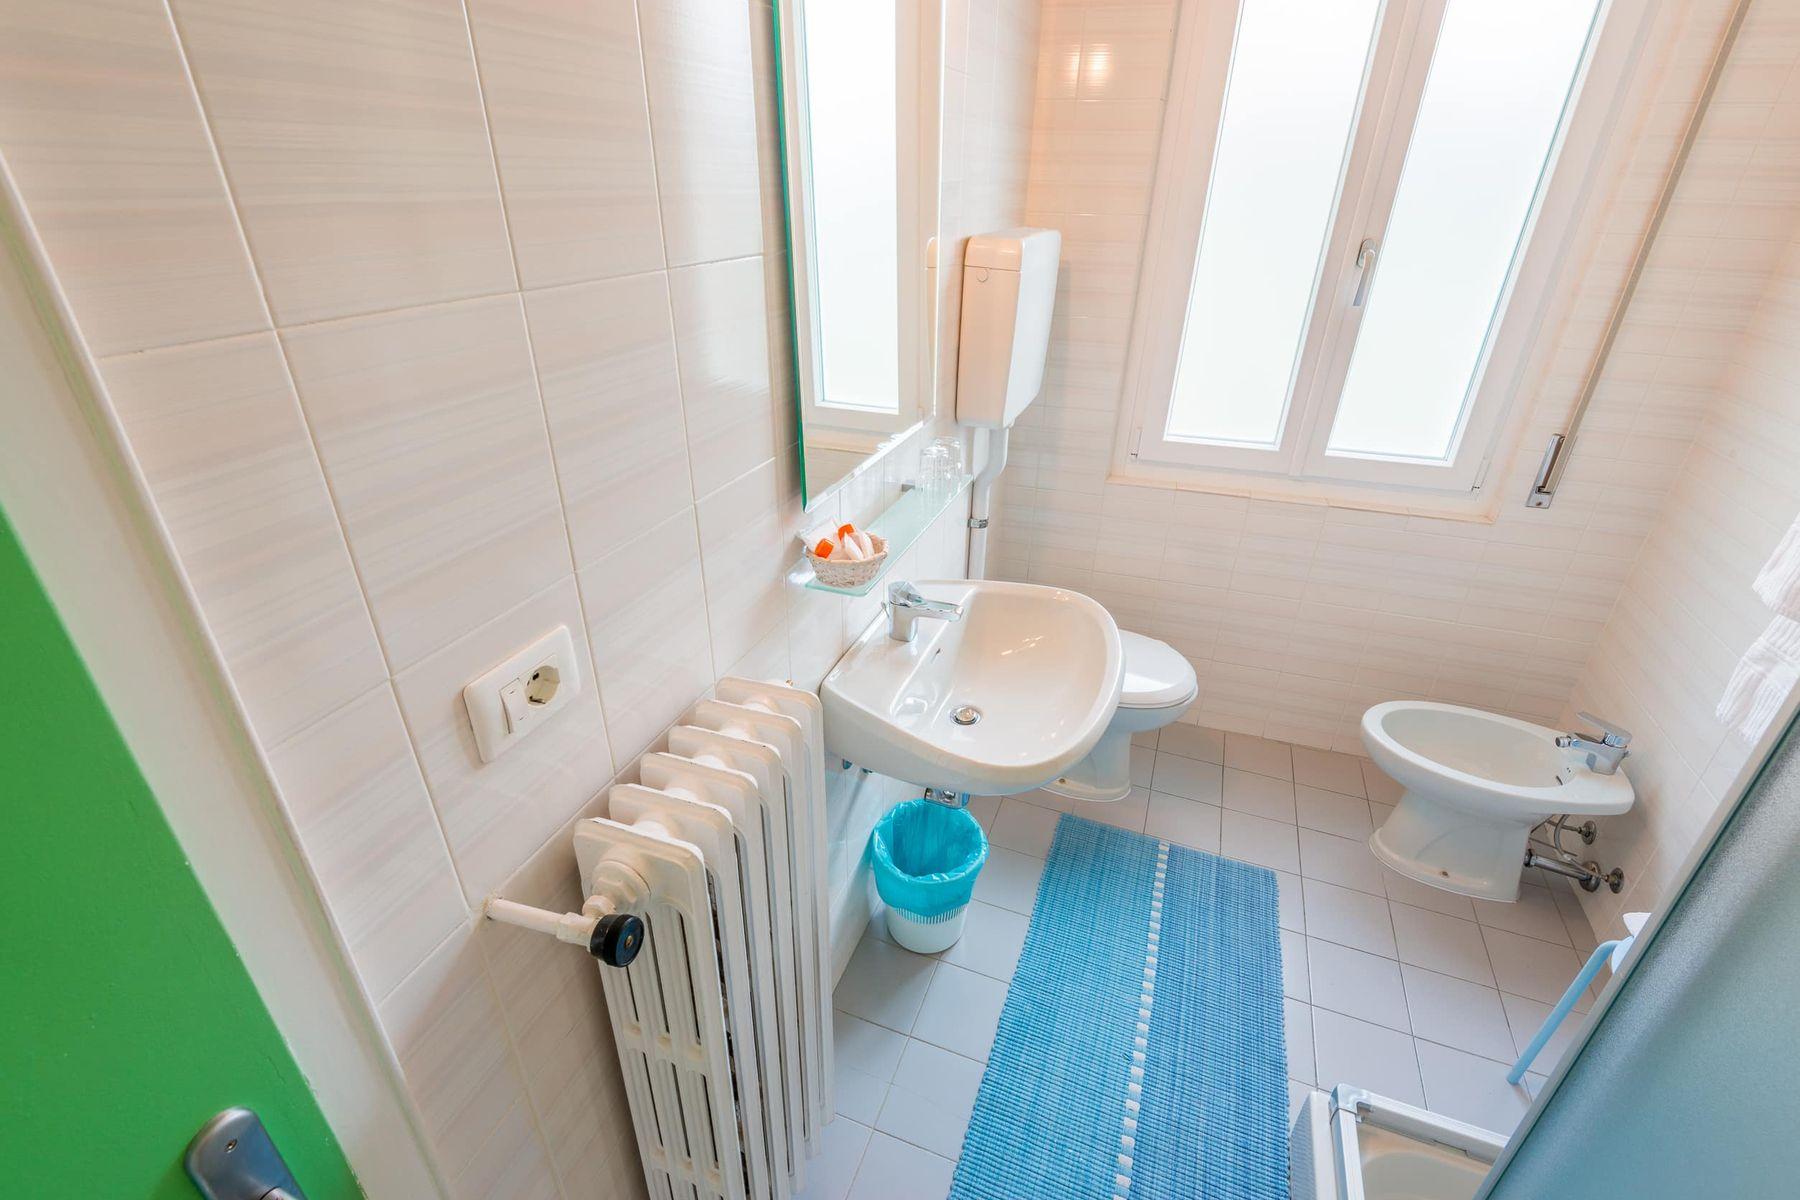 Đừng để nhà vệ sinh xuất hiện các dấu hiệu này mới chịu dọn dẹp